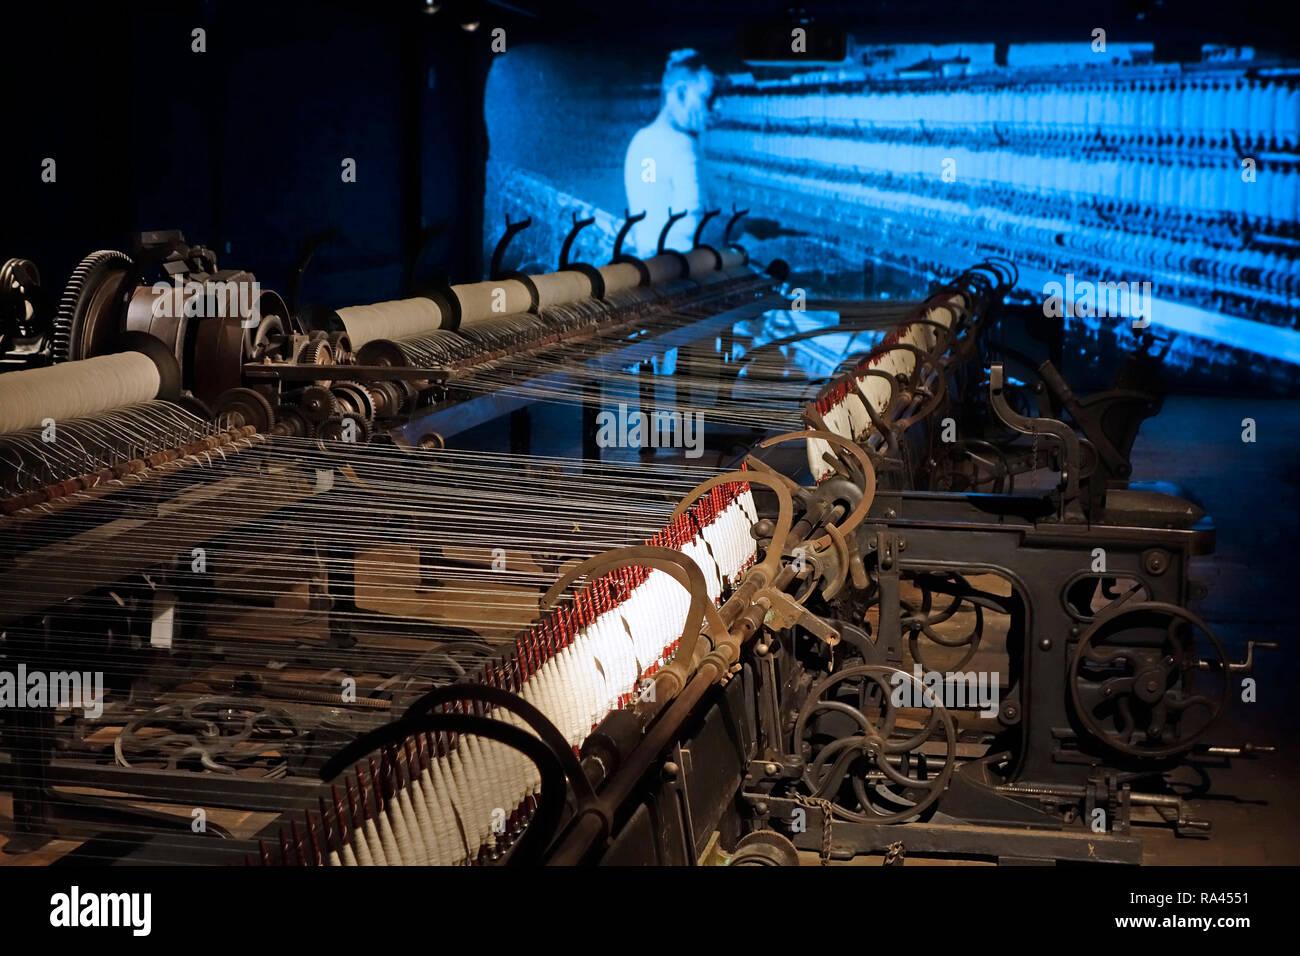 24 Meter lange selfactor, self-acting Spinning Mule bei MIAT/Industriemuseum, industrielle Archäologie Museum, Gent, Belgien Stockbild